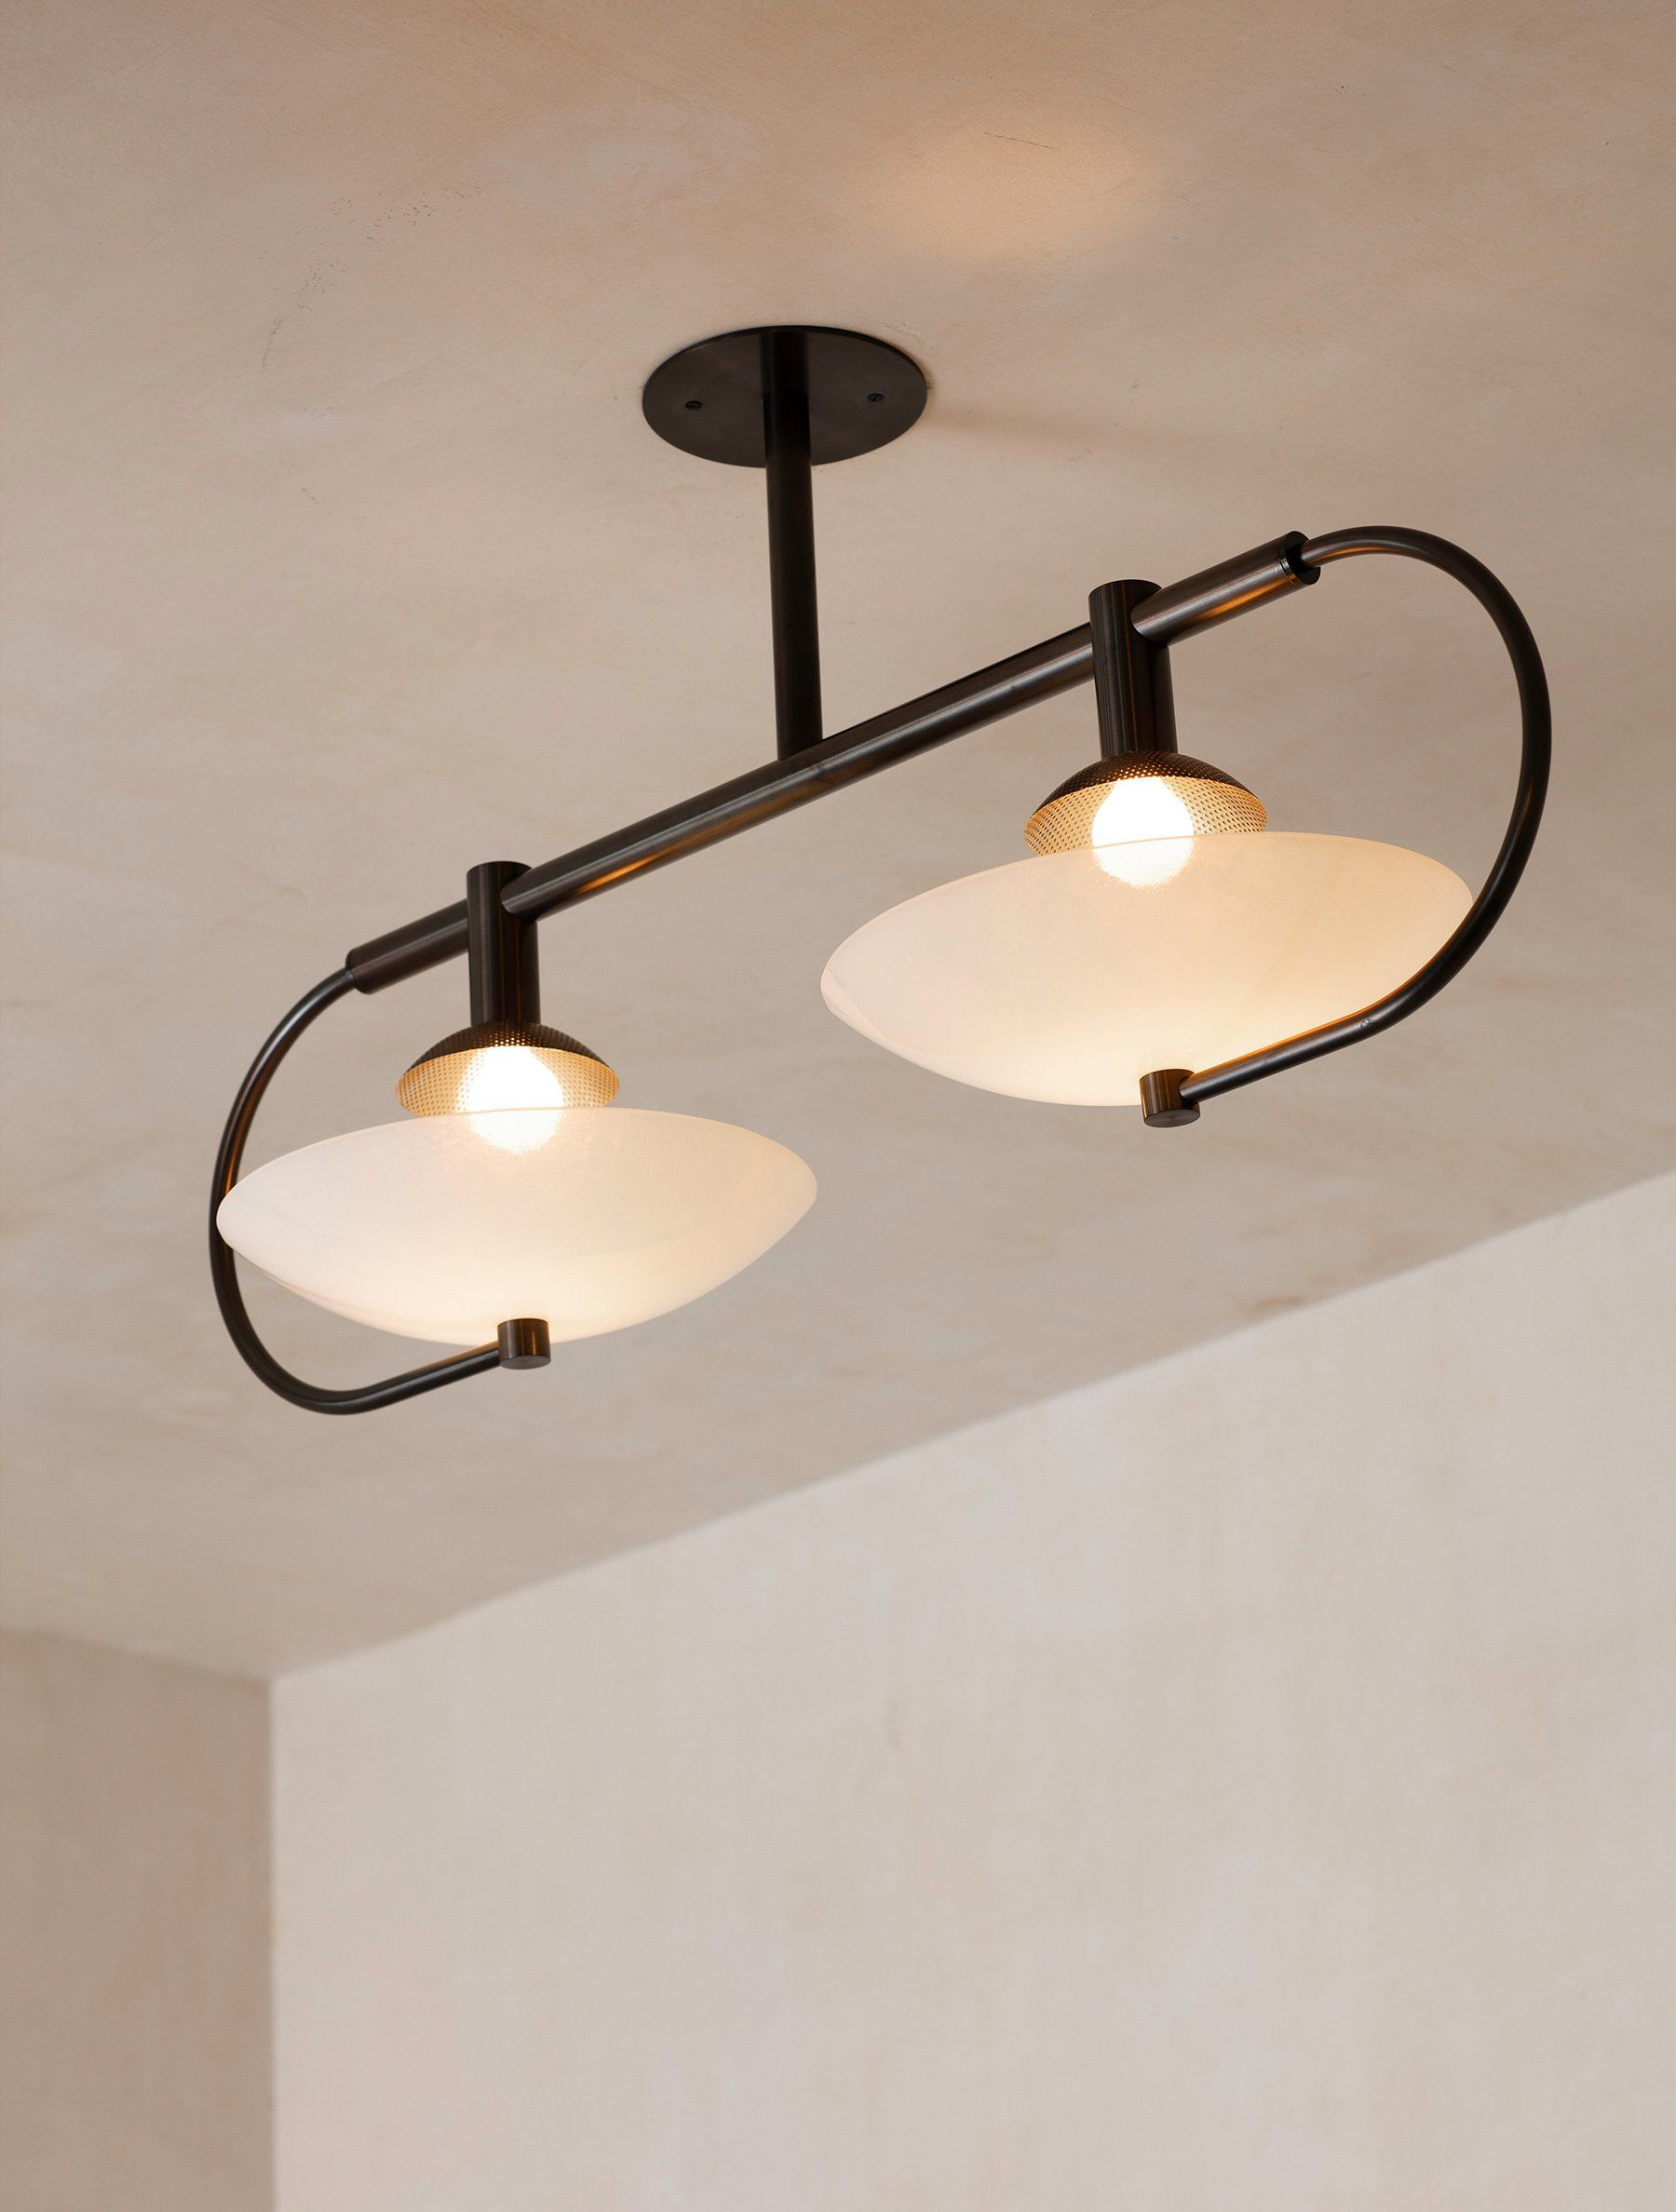 Aperture Double Raw Brass Skytek In 2021 Bulb Pendant Light Lighting Inspiration Glass Dome Cover